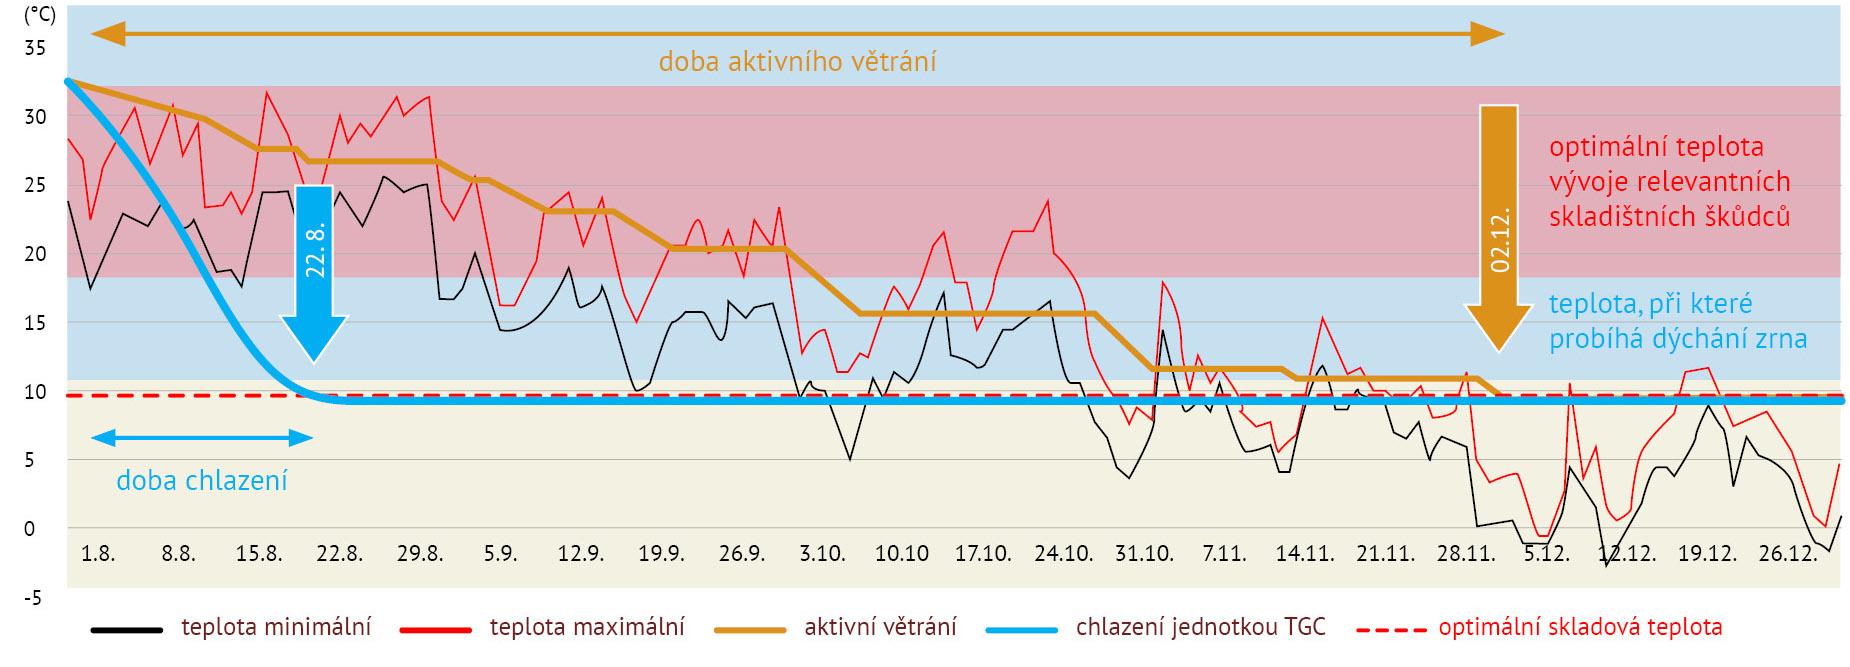 BEDNAR Posklizňové linky - Porovnani doby chlazeni